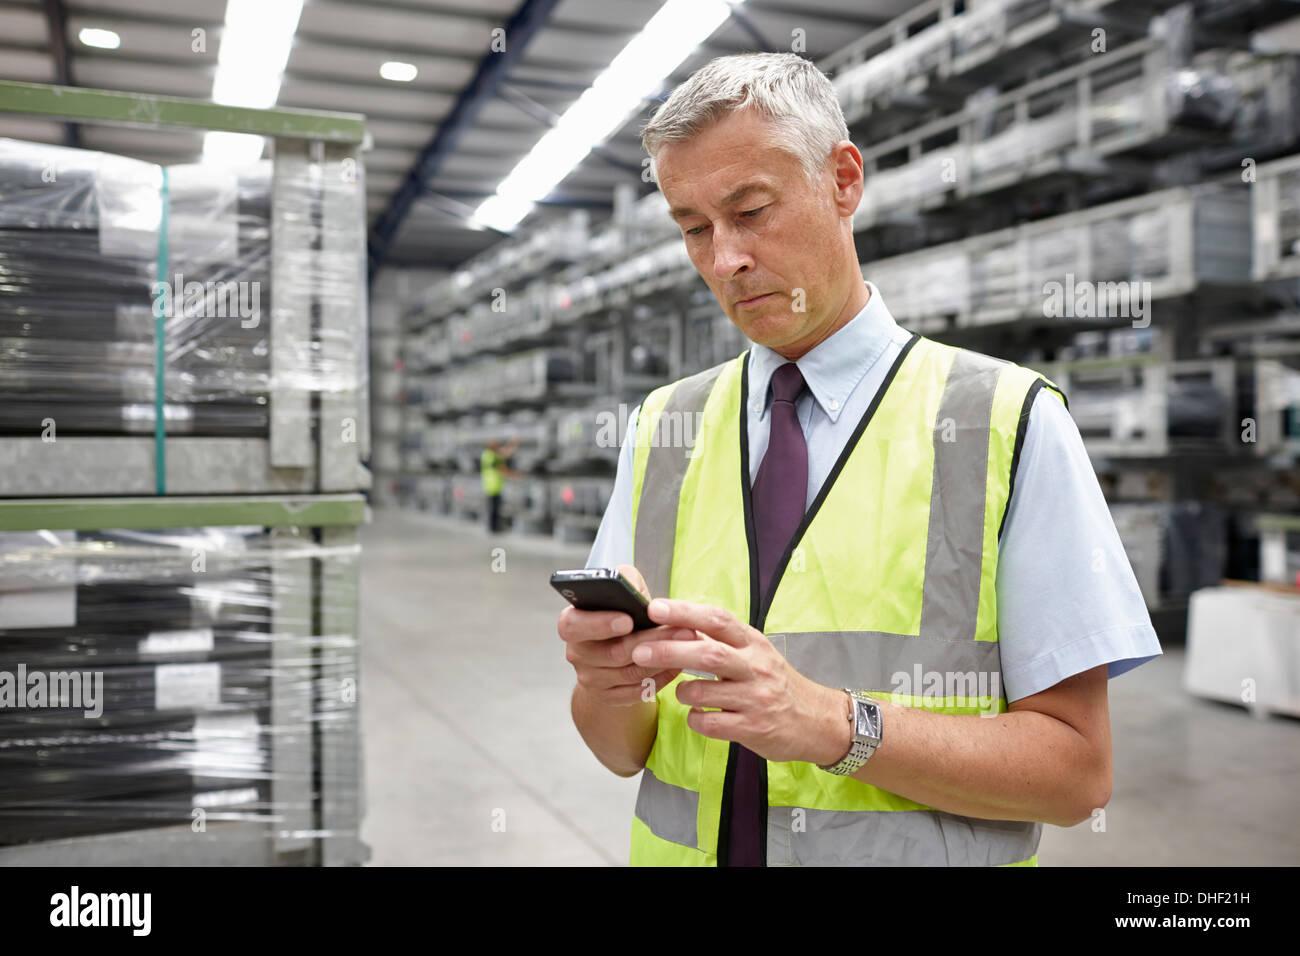 Ritratto di manager utilizzando il telefono cellulare nel magazzino di ingegneria Immagini Stock